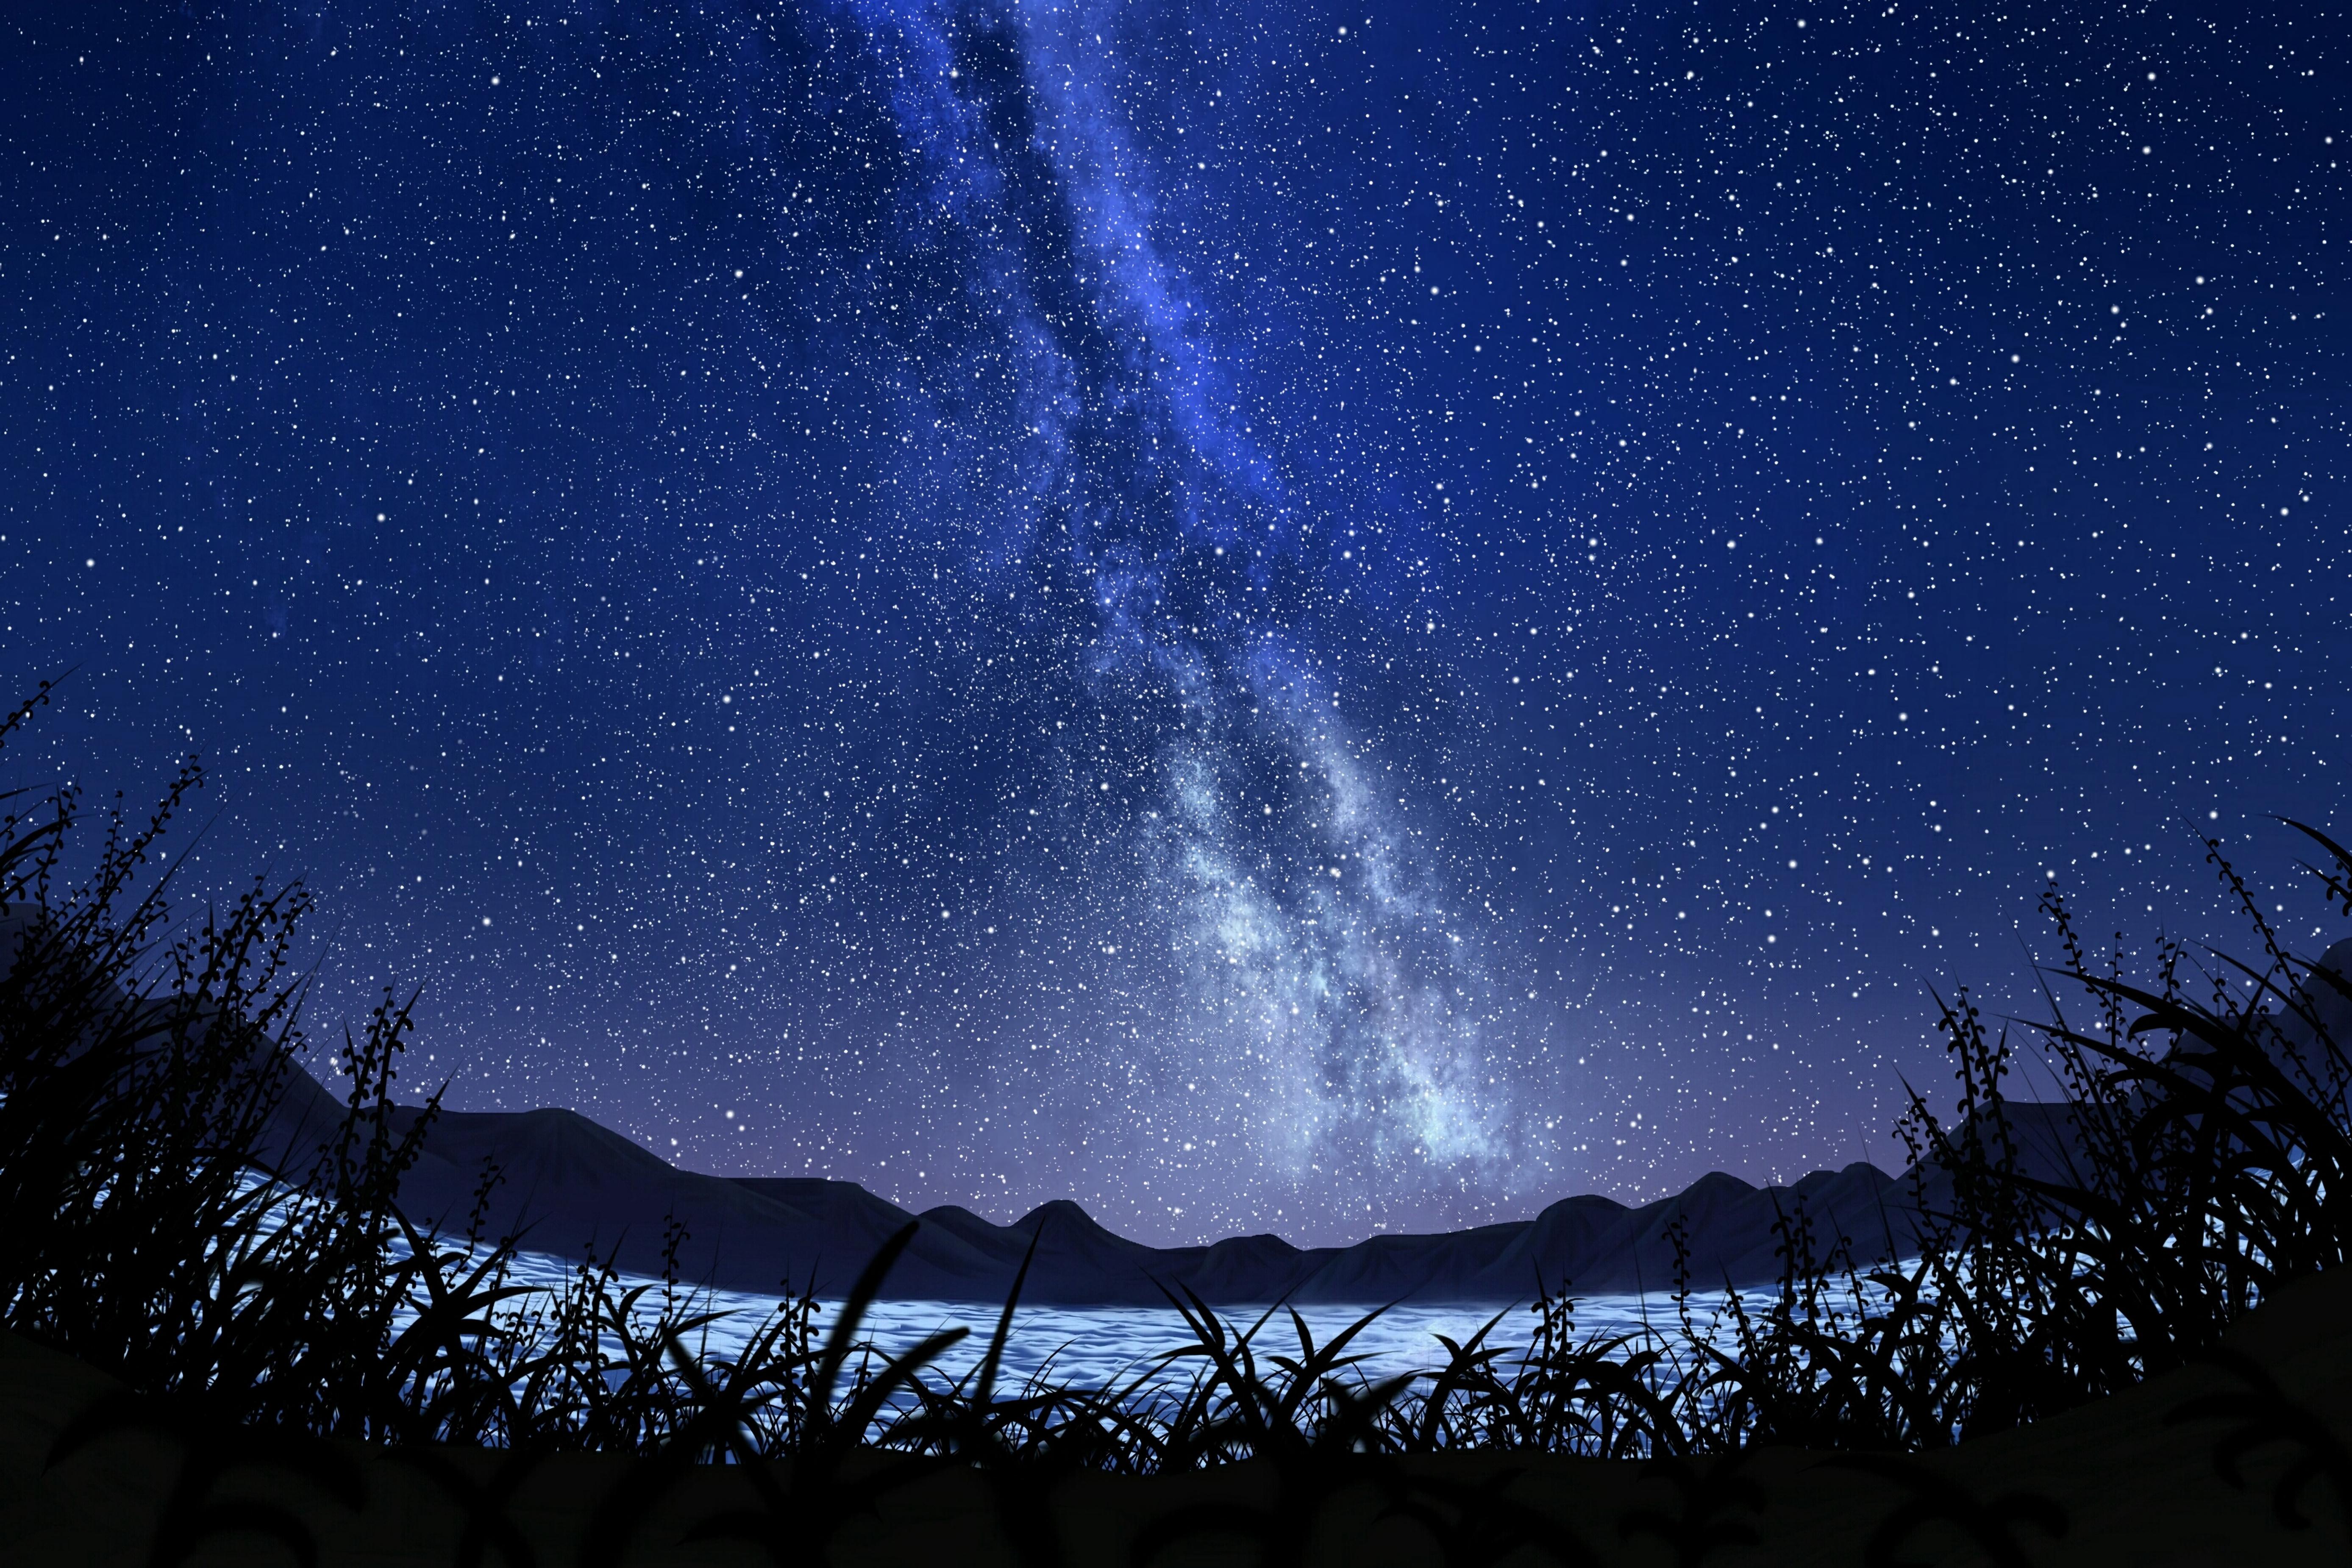 67448 économiseurs d'écran et fonds d'écran Sky sur votre téléphone. Téléchargez Sky, Nature, Herbe, Art, Etoiles, Nuit, Ciel Étoilé, Voie Lactée images gratuitement